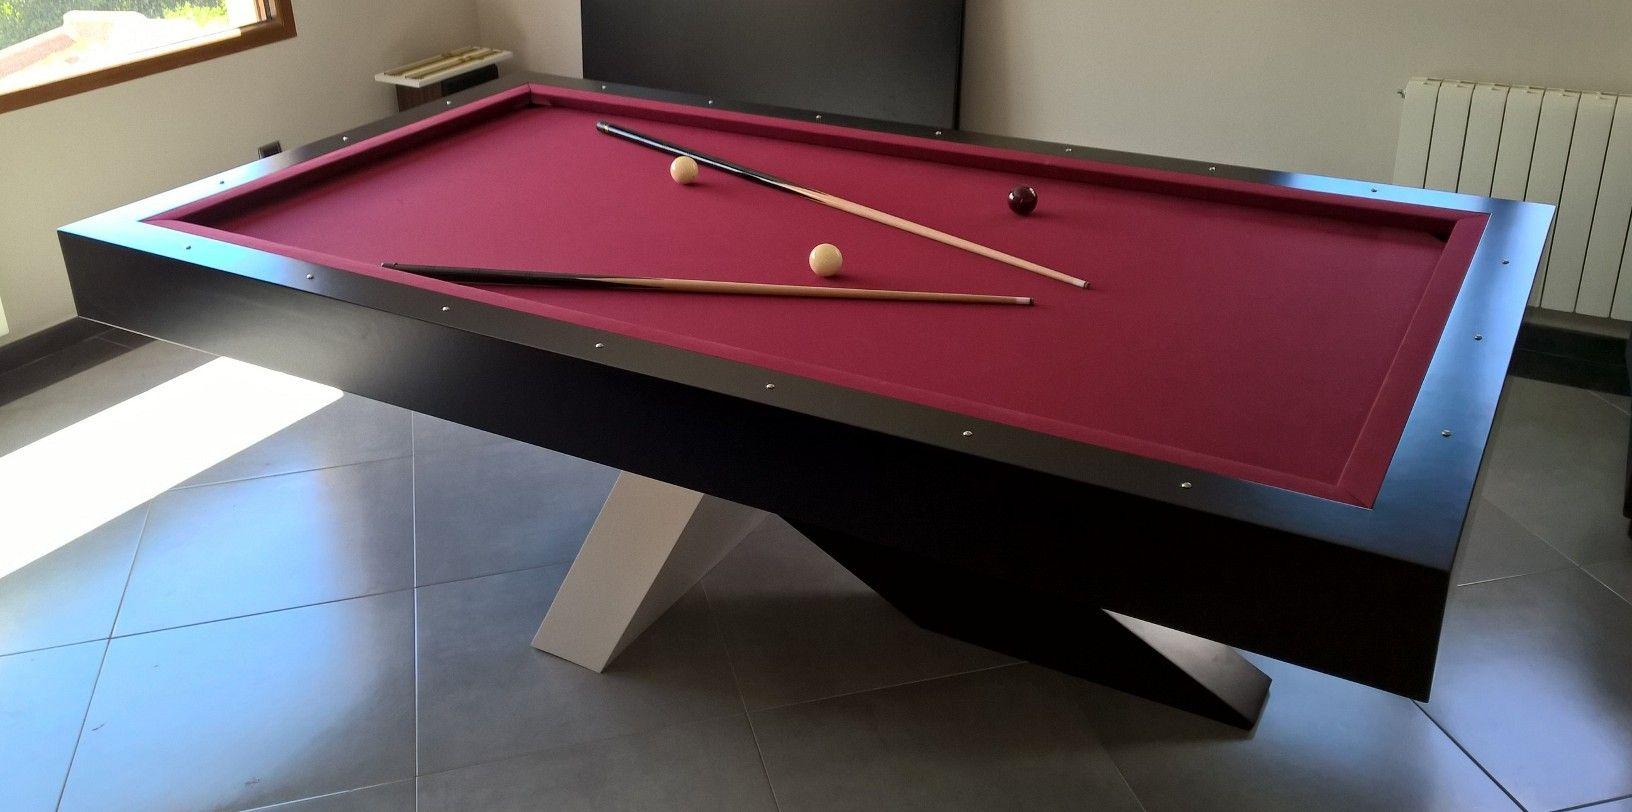 Mesa De Billar Diseño Contemporáneo Opciones Adaptación Para Mesa De Comedor O Tapas De Mesa Tapa De Ping Pong Billares Mesa De Billar Billar Español